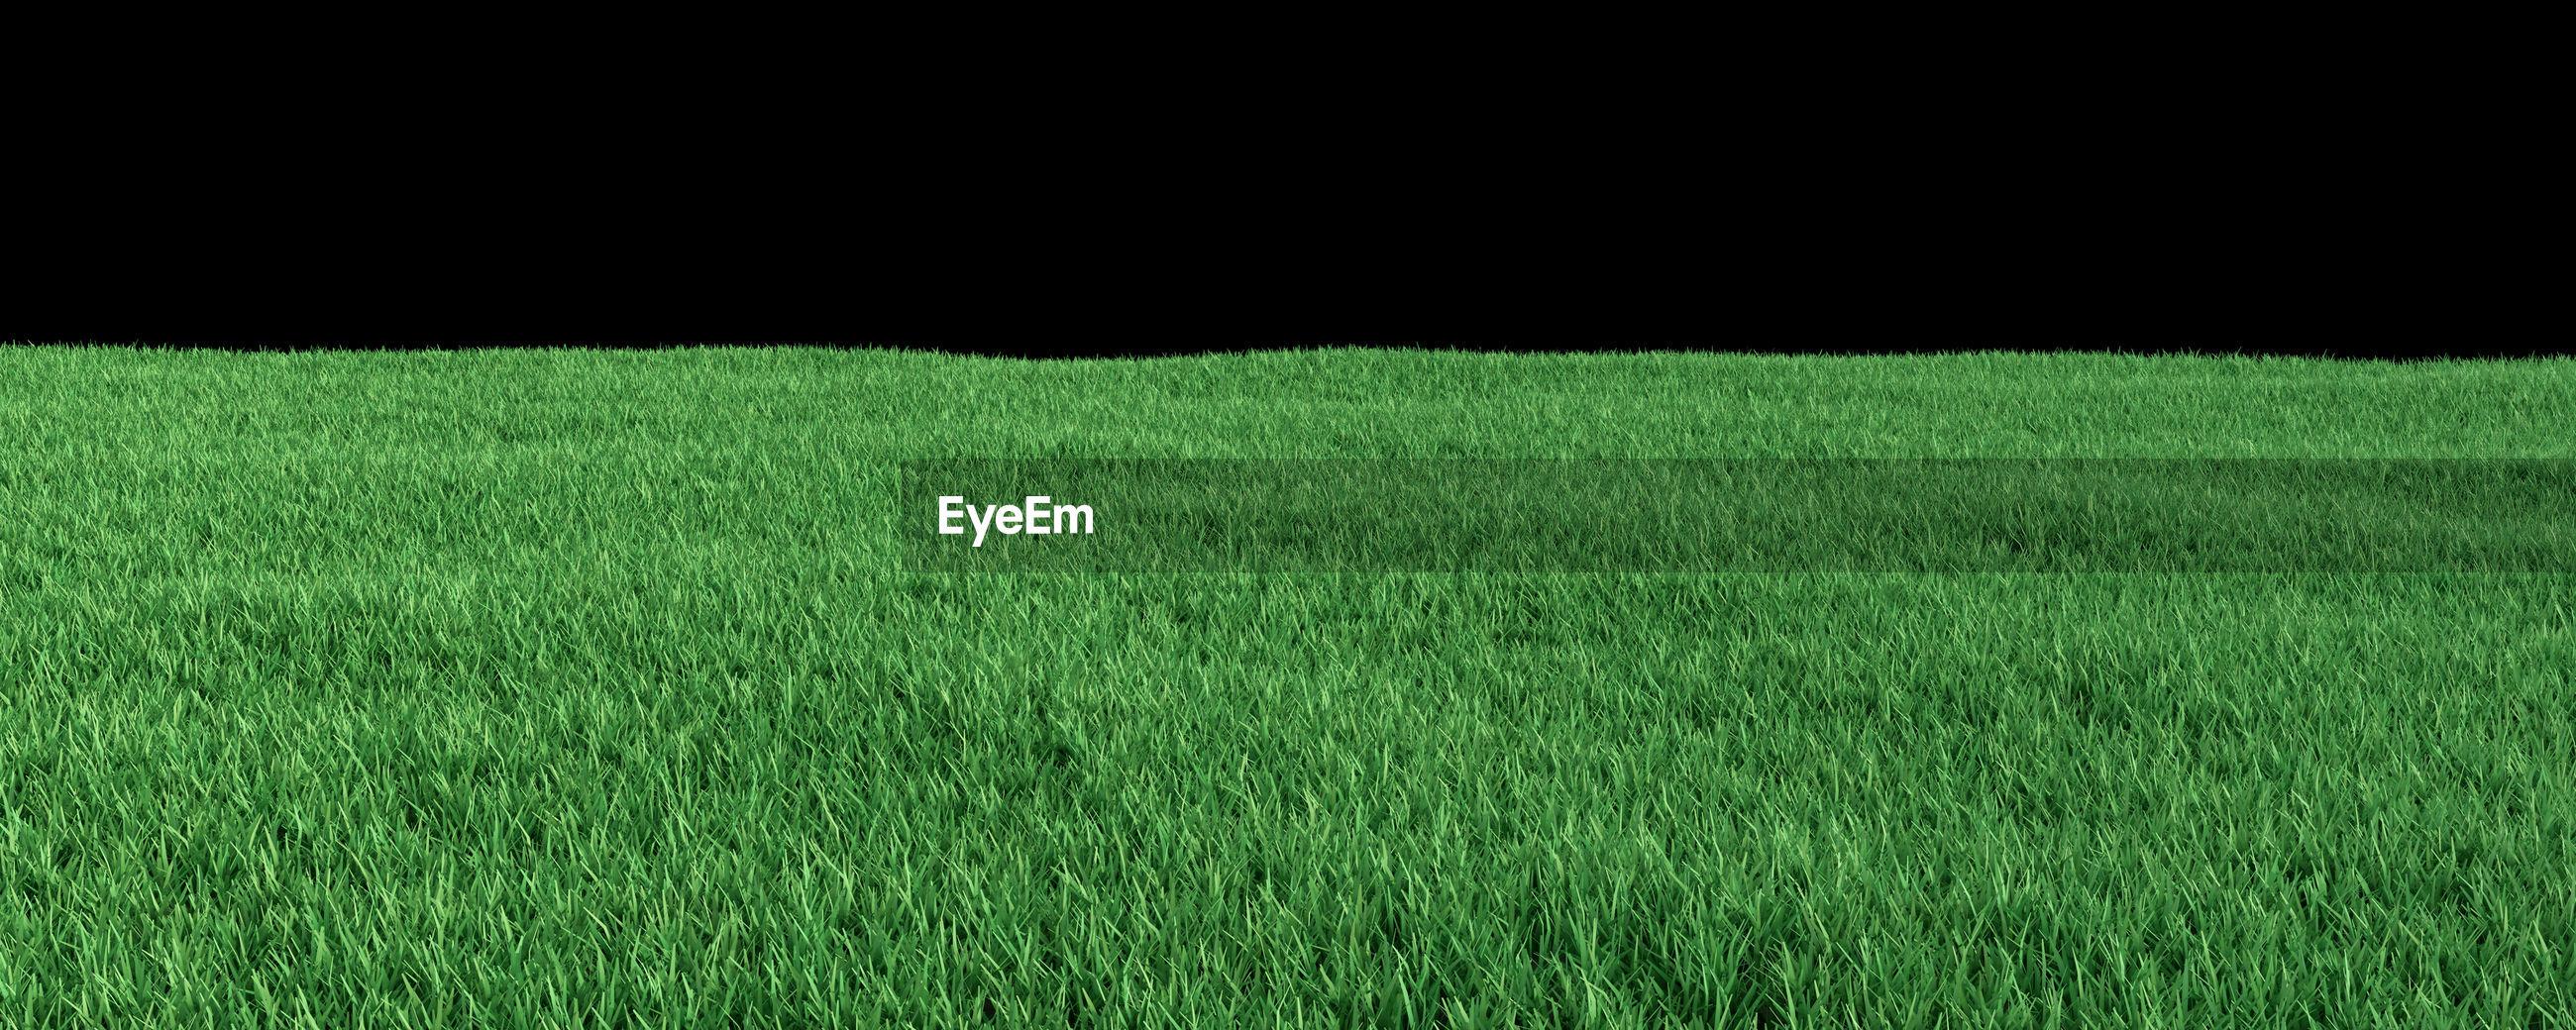 Panoramic shot of grassy field at night